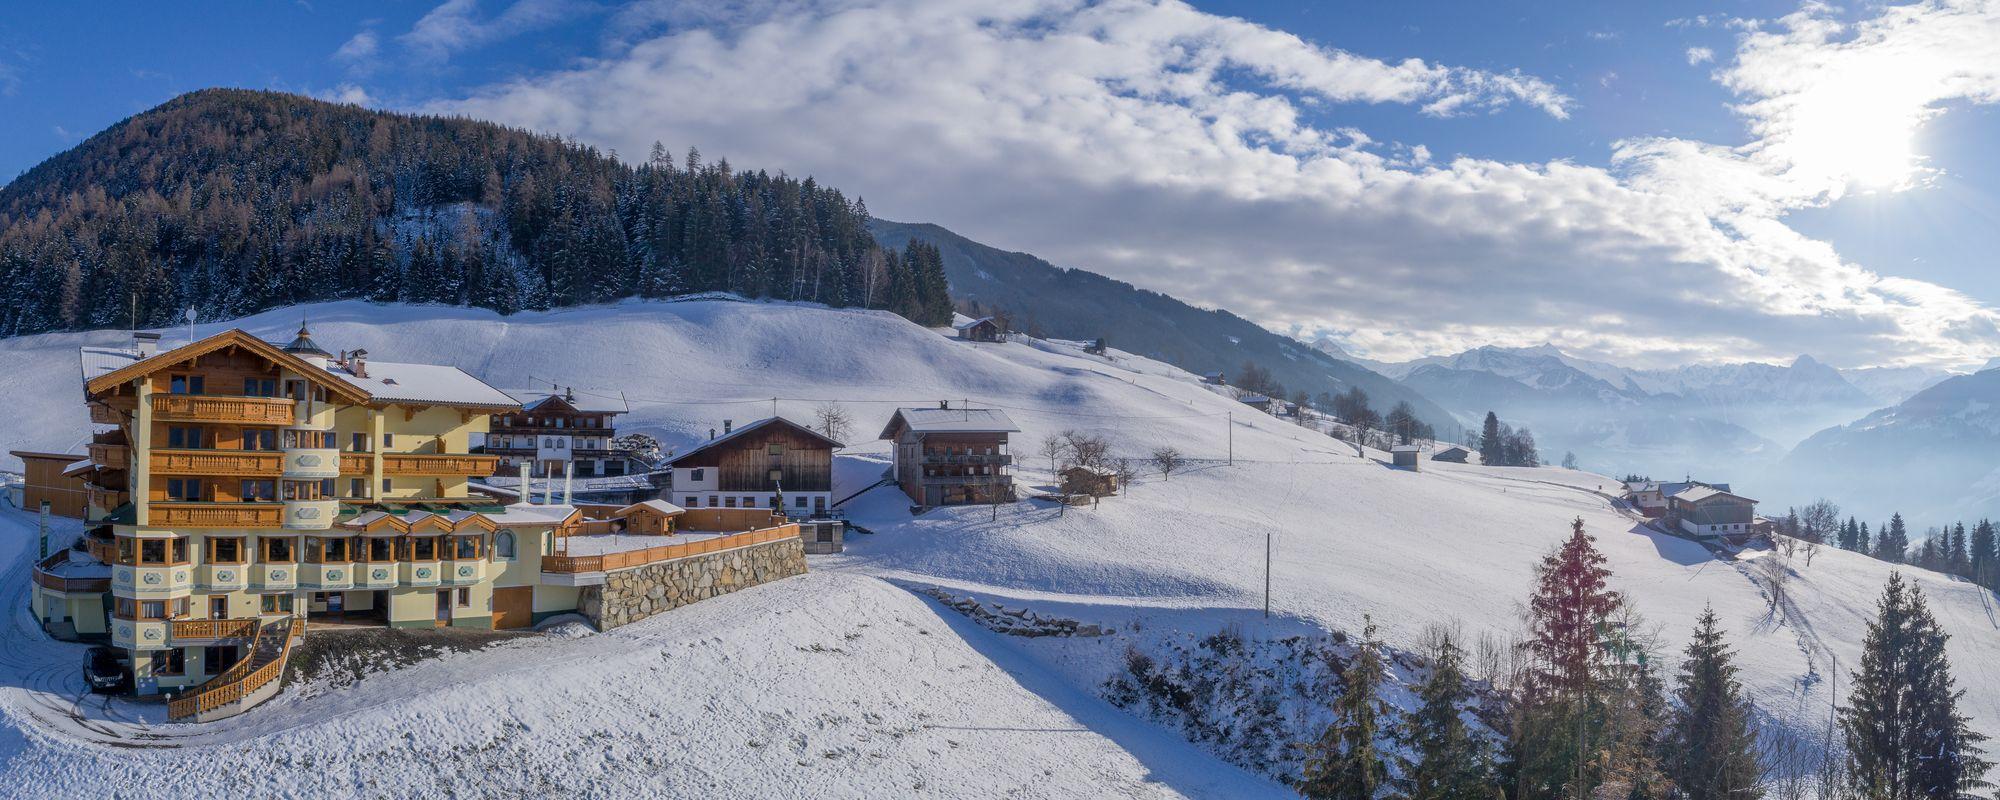 Panoramaufnahme des Alpengasthof Tannenalm an einem klaren Wintertag